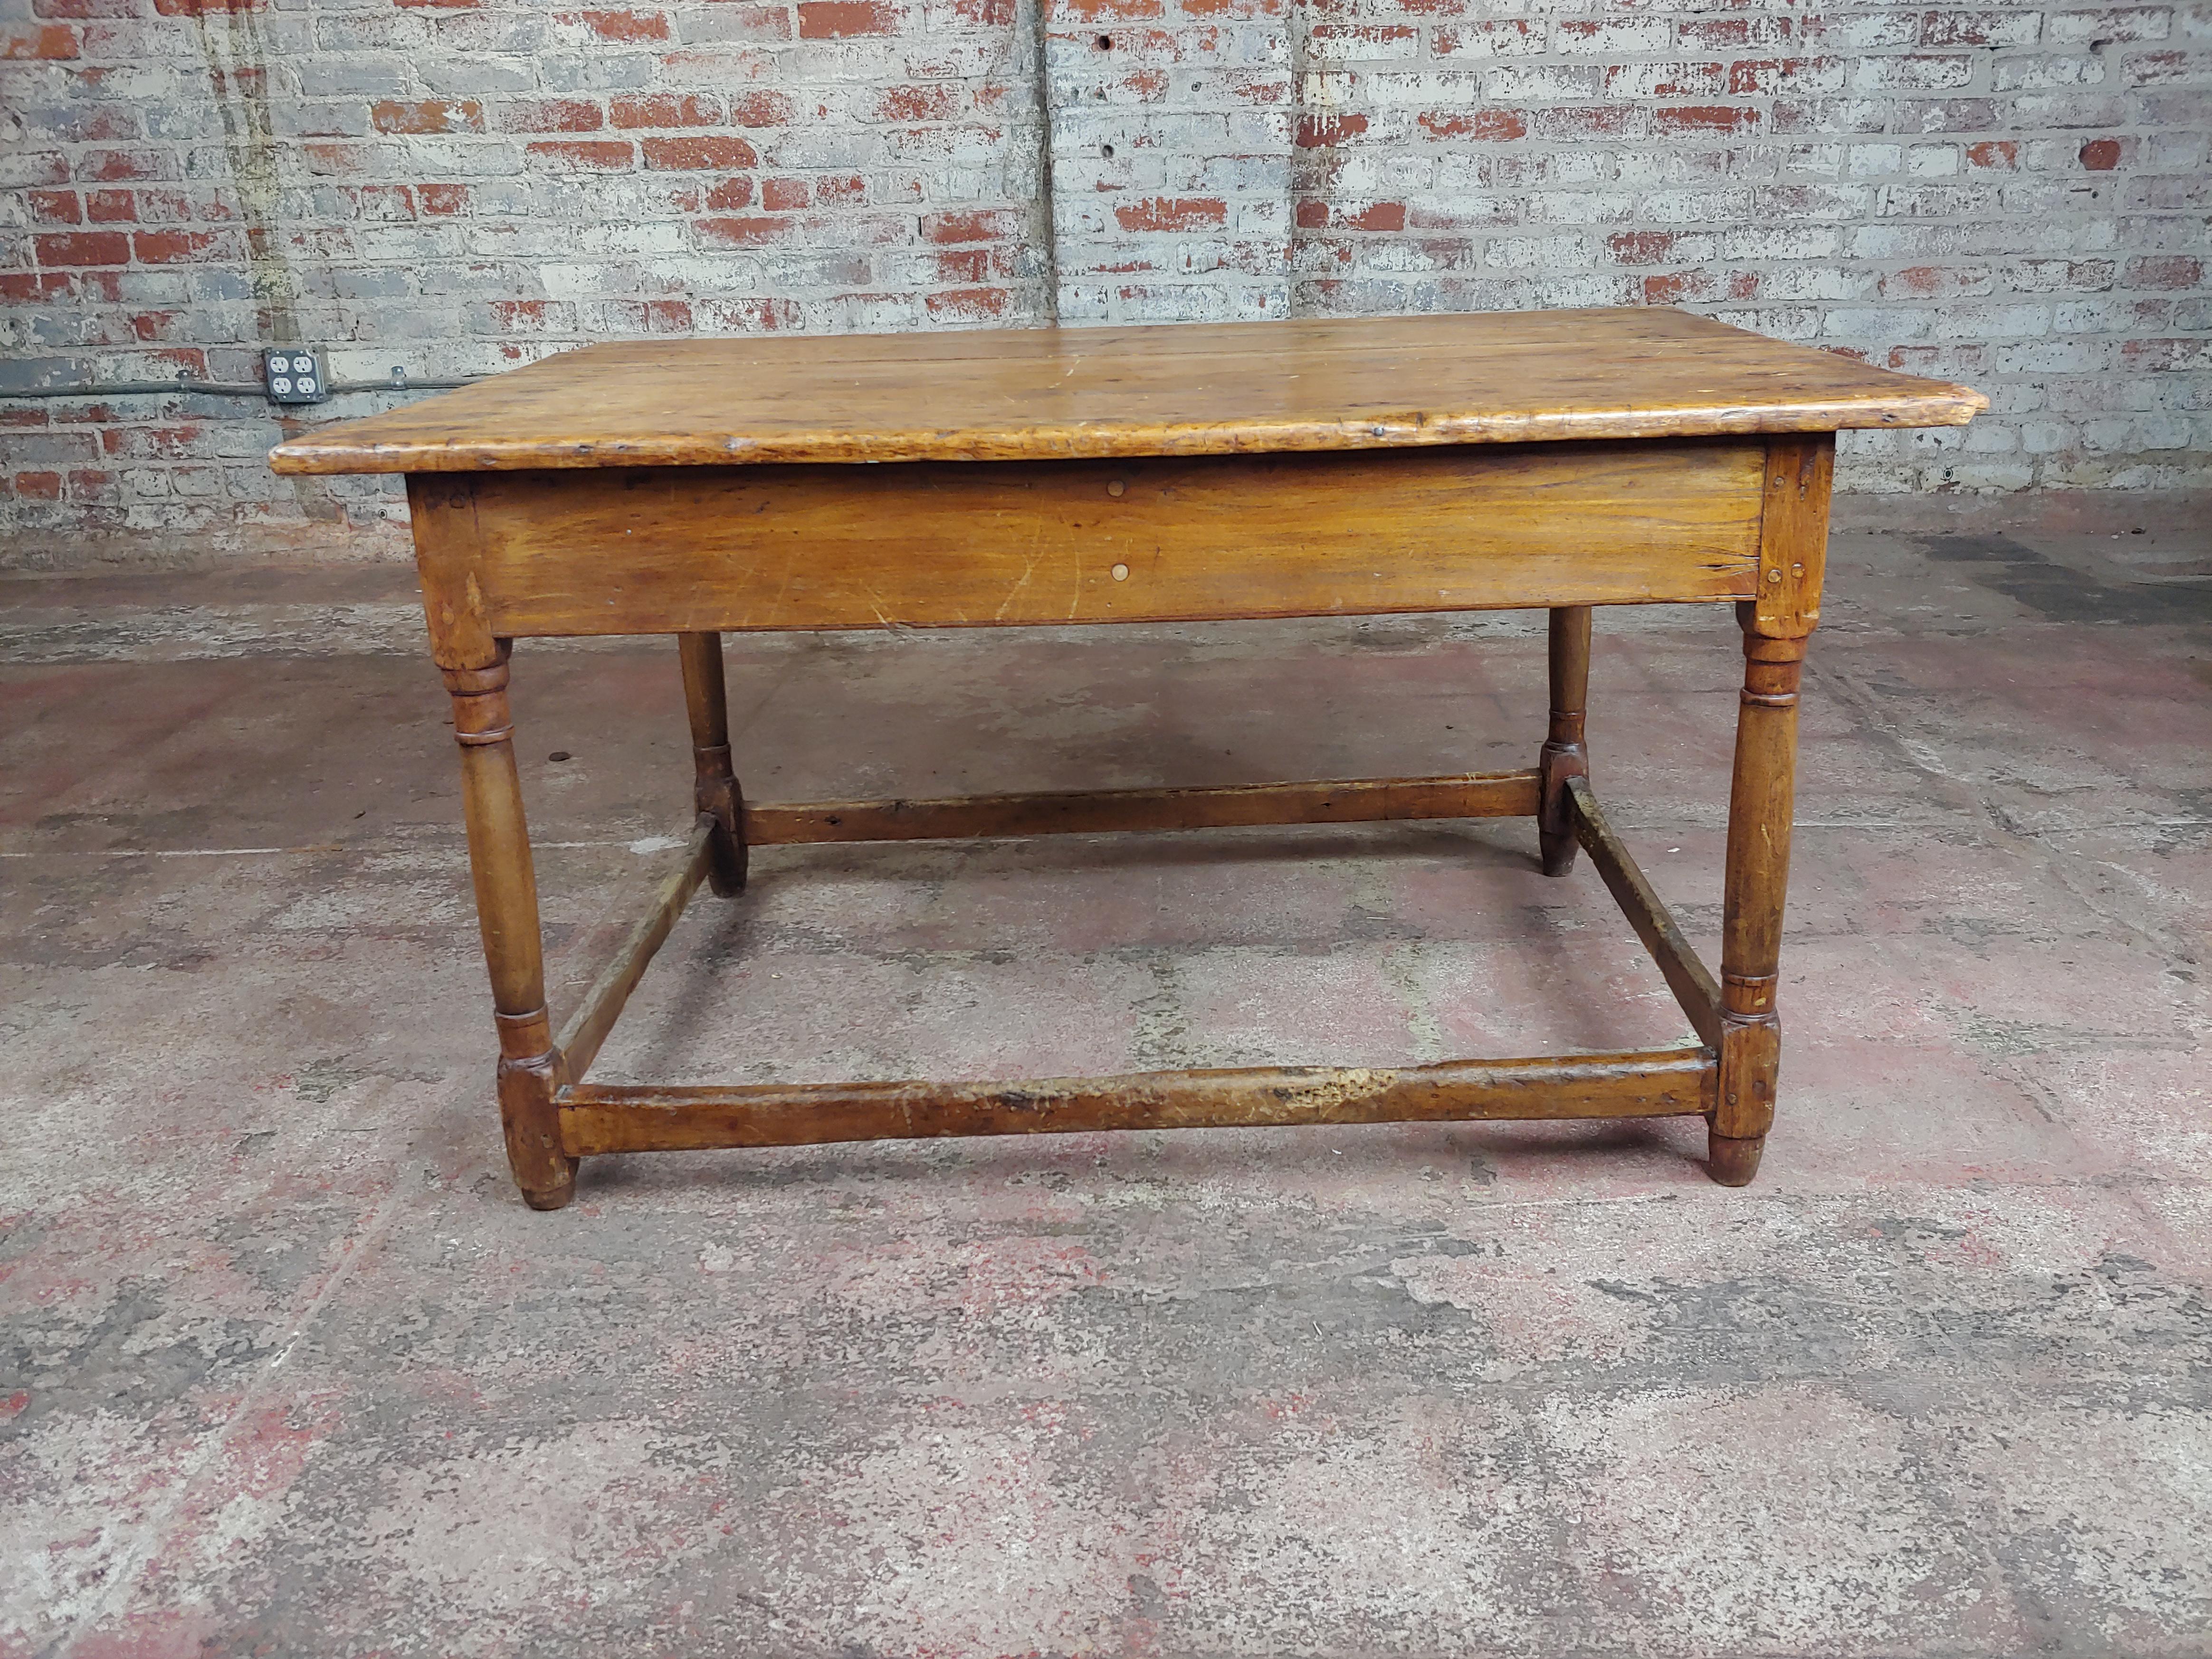 Bon 19th Century English Walnut Farm Coffee Table